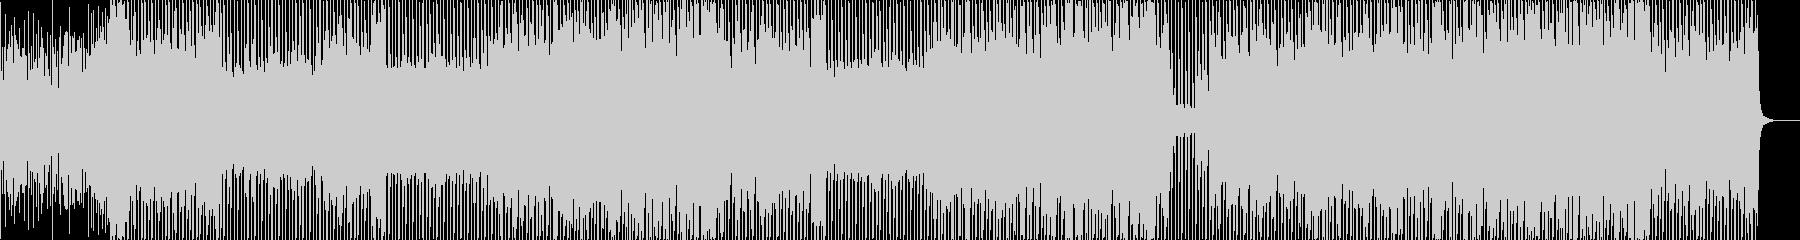 ダンス/懐かしさ/オケヒット/ハイテンポの未再生の波形